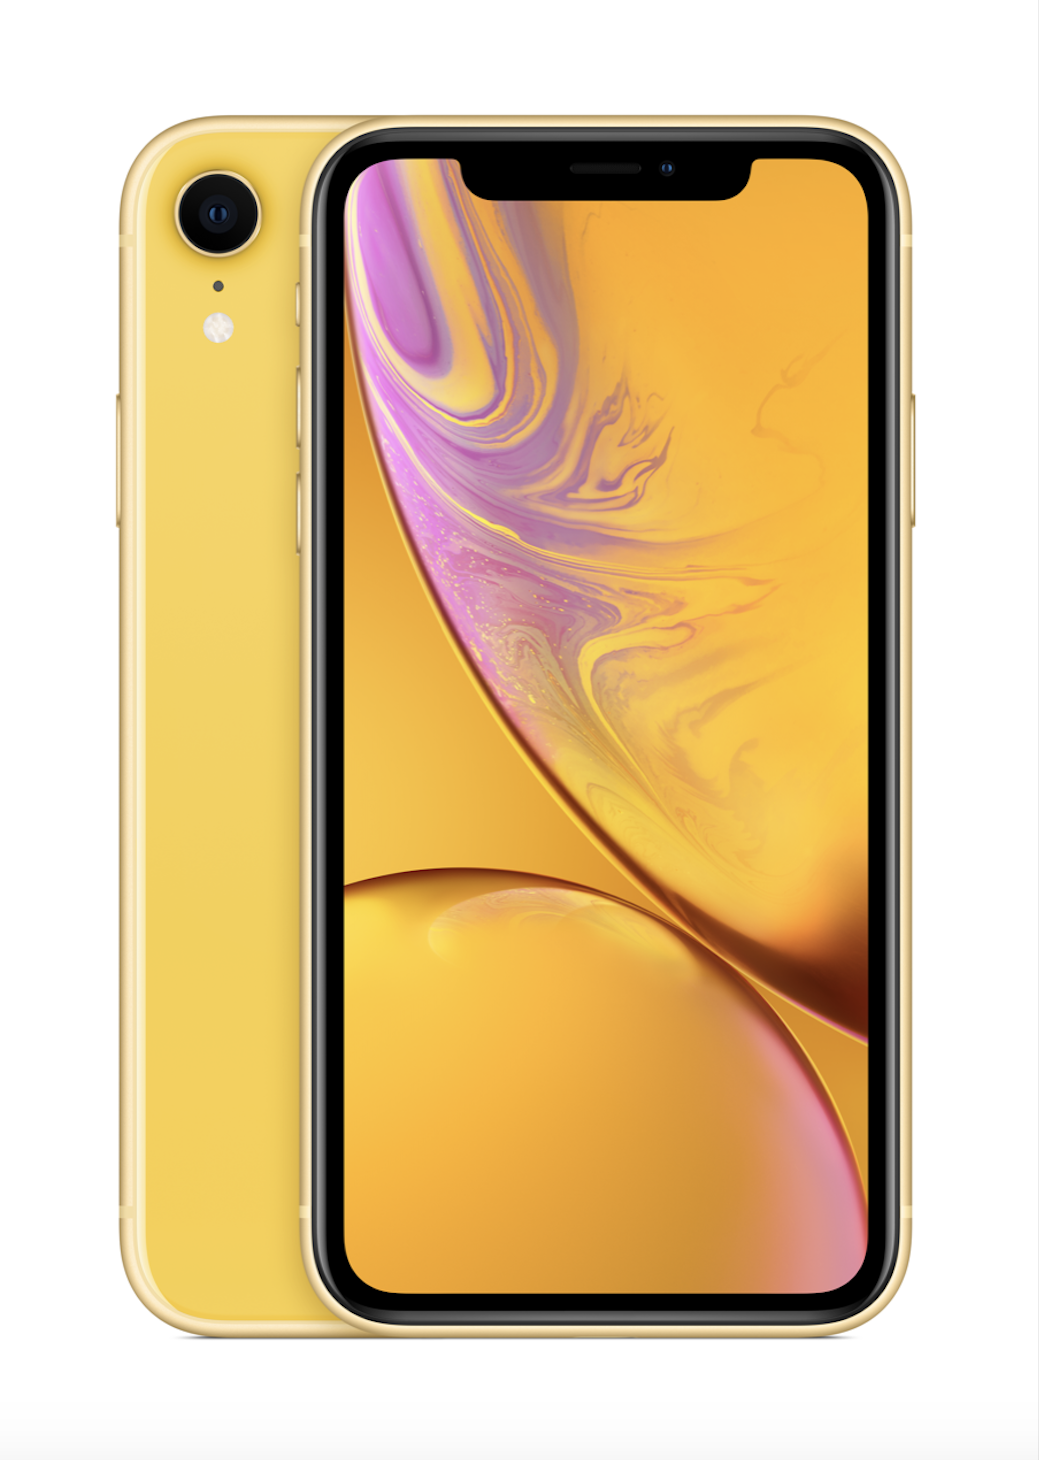 Apple iPhone Xr 64GB - Yellow - Refurbished